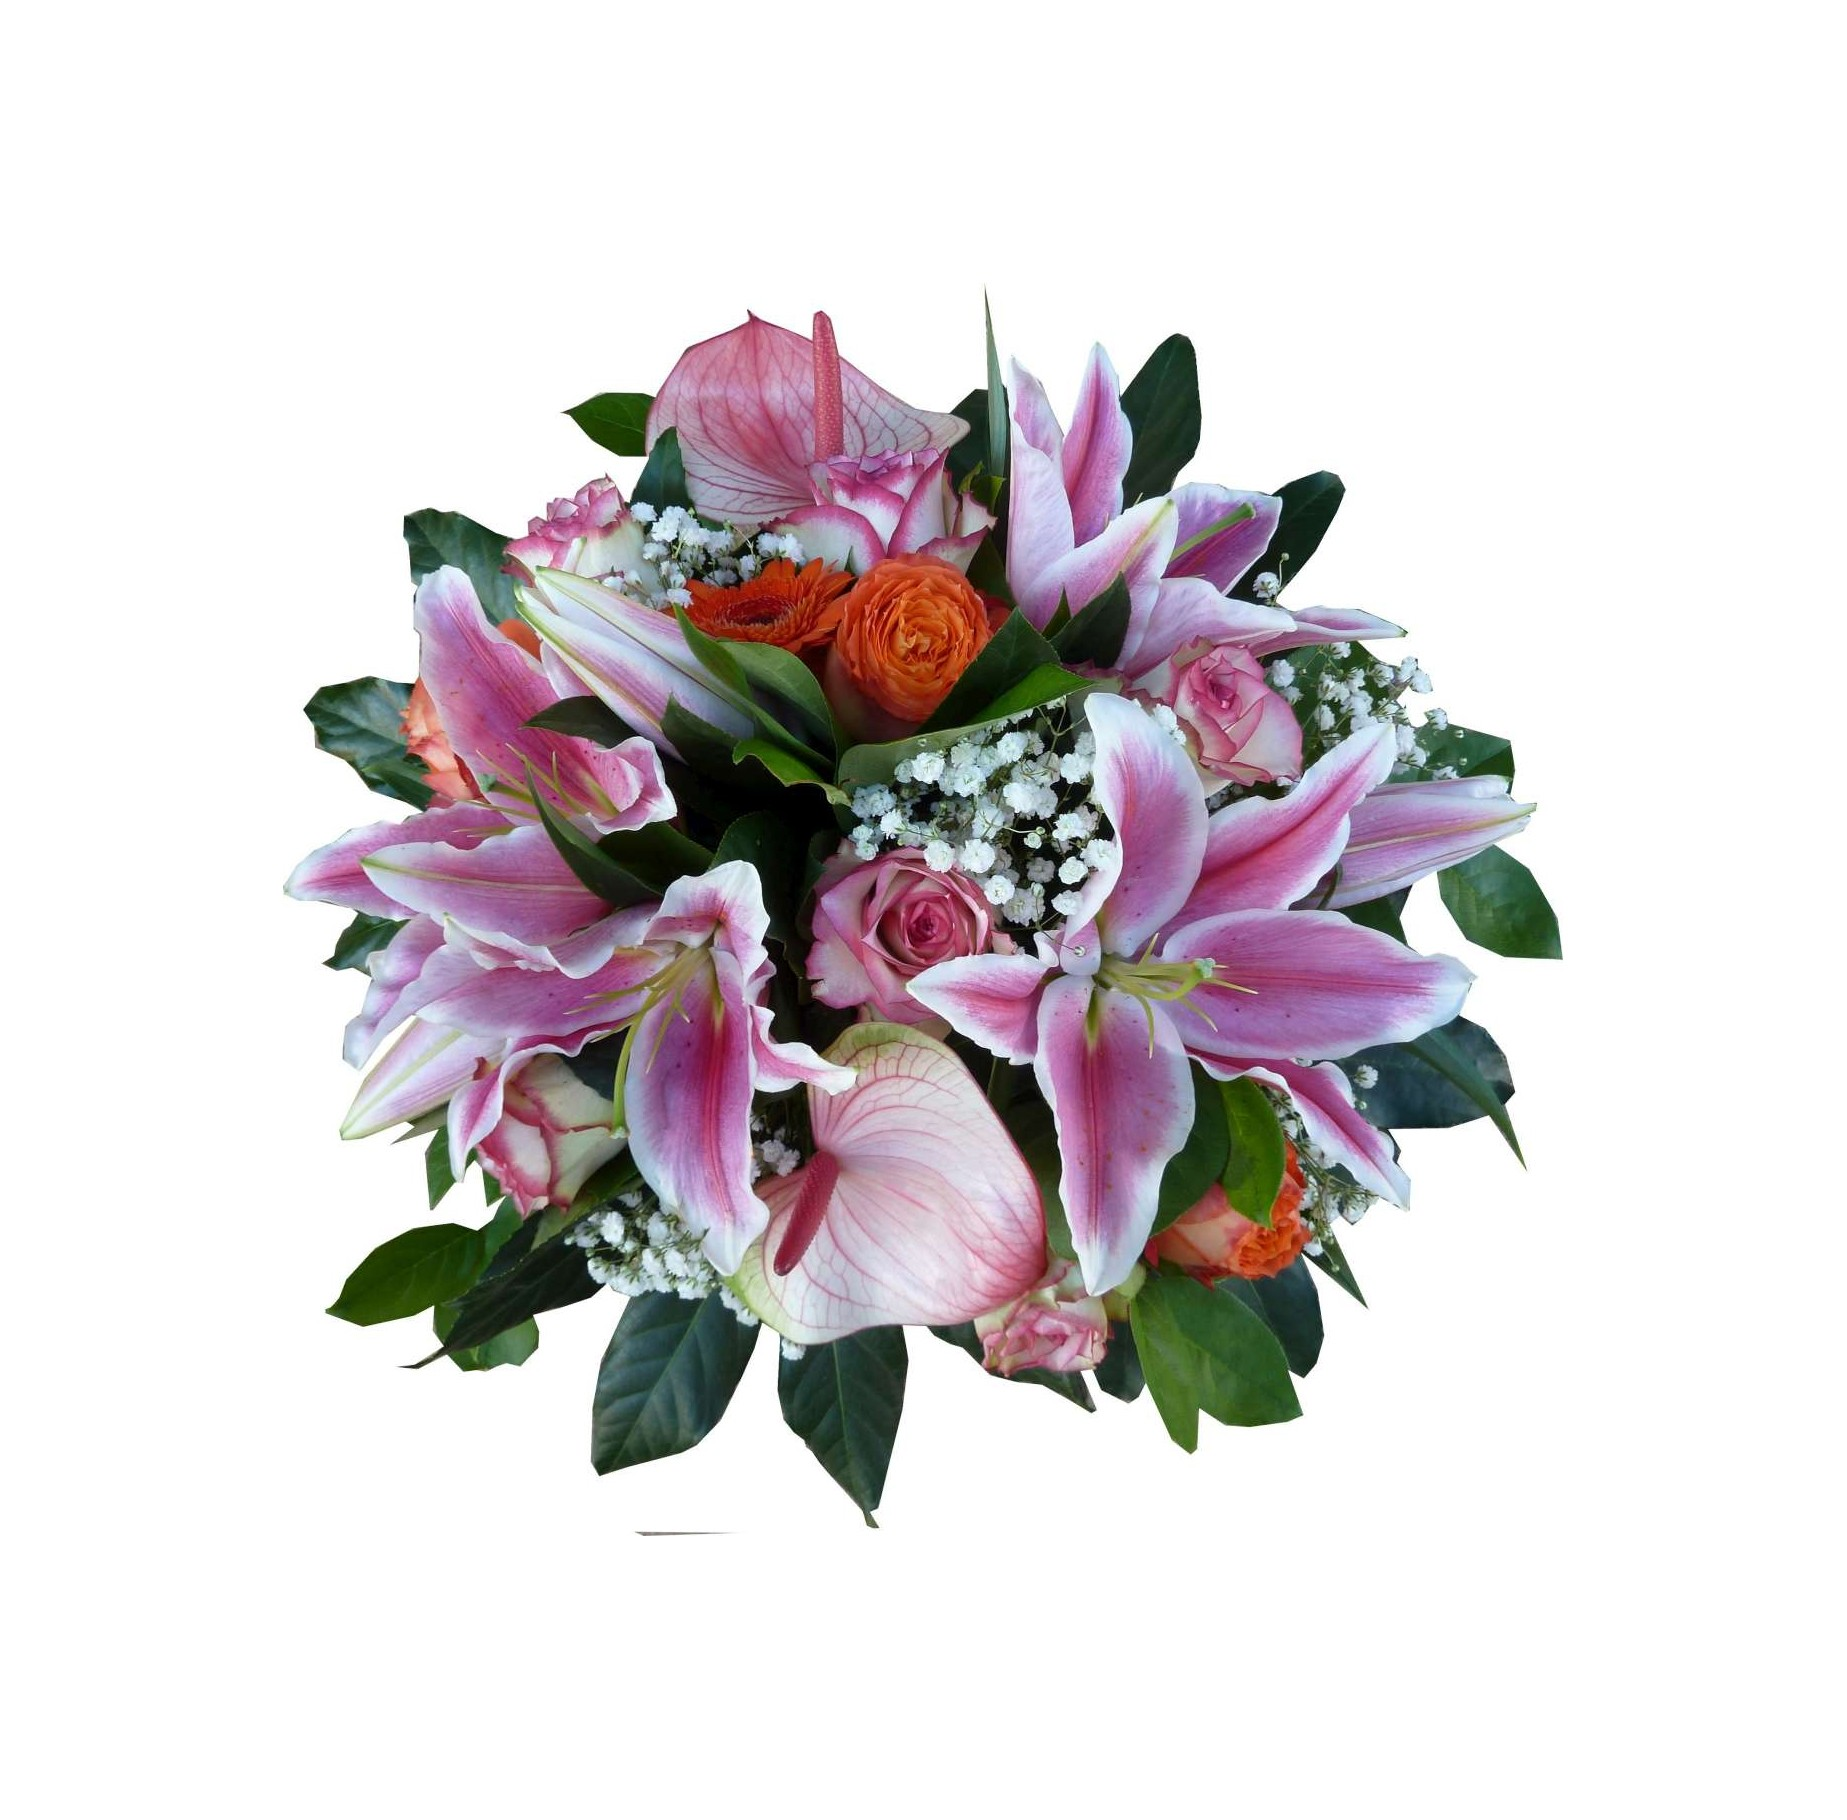 livraison de fleurs deuil paris et r gion parisienne florafrance. Black Bedroom Furniture Sets. Home Design Ideas